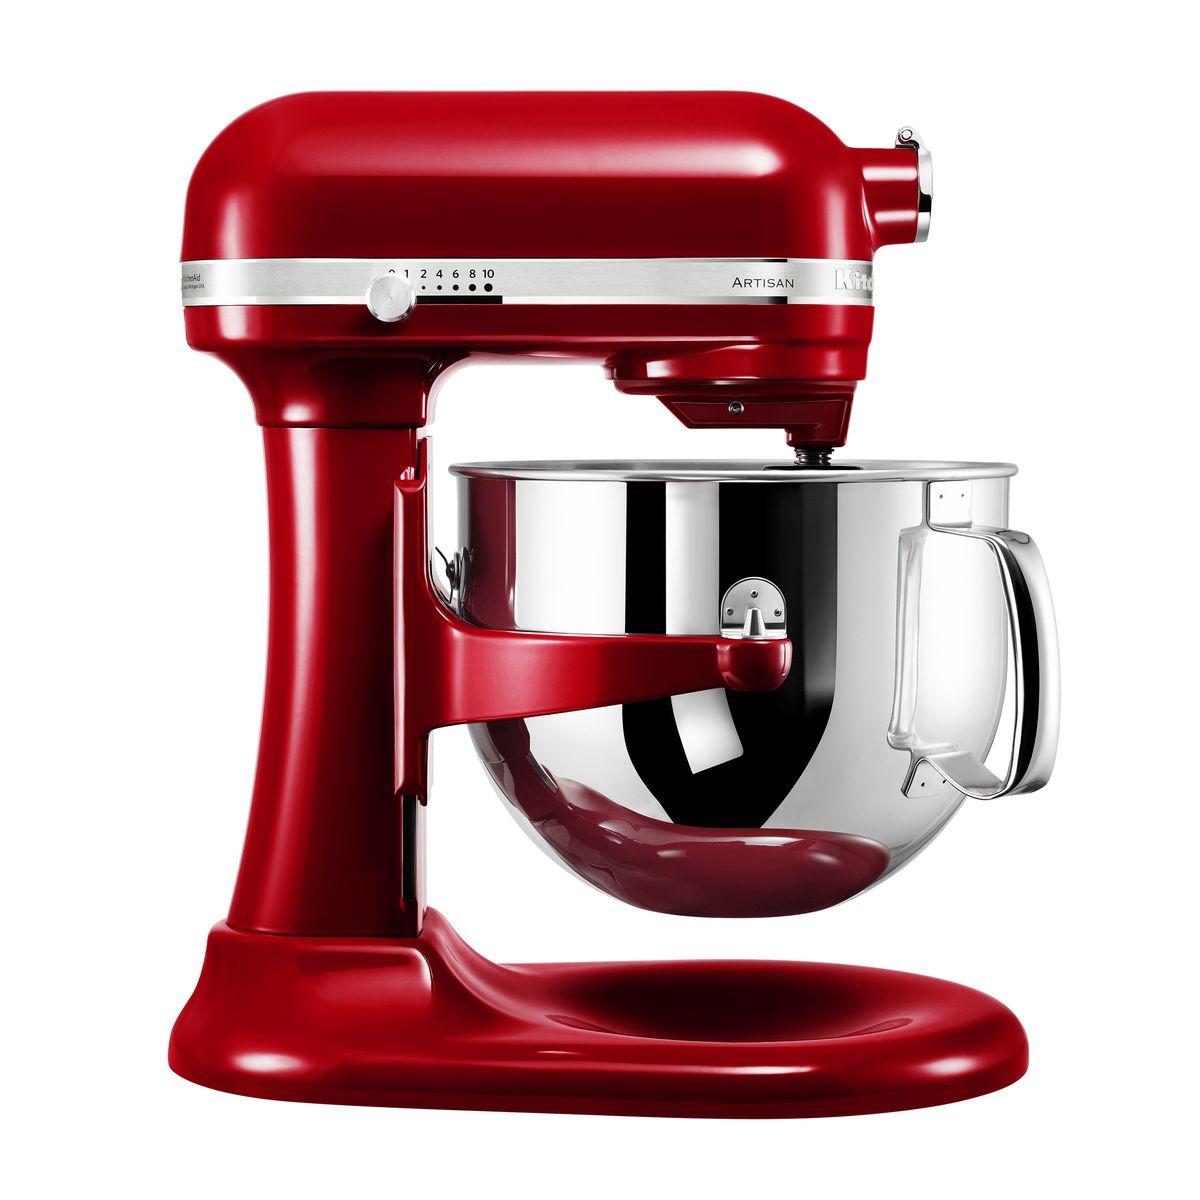 Robot pâtissier artisan rouge pomme d´amour 5KSM7580XECA 6.9 l - Kitchenaid